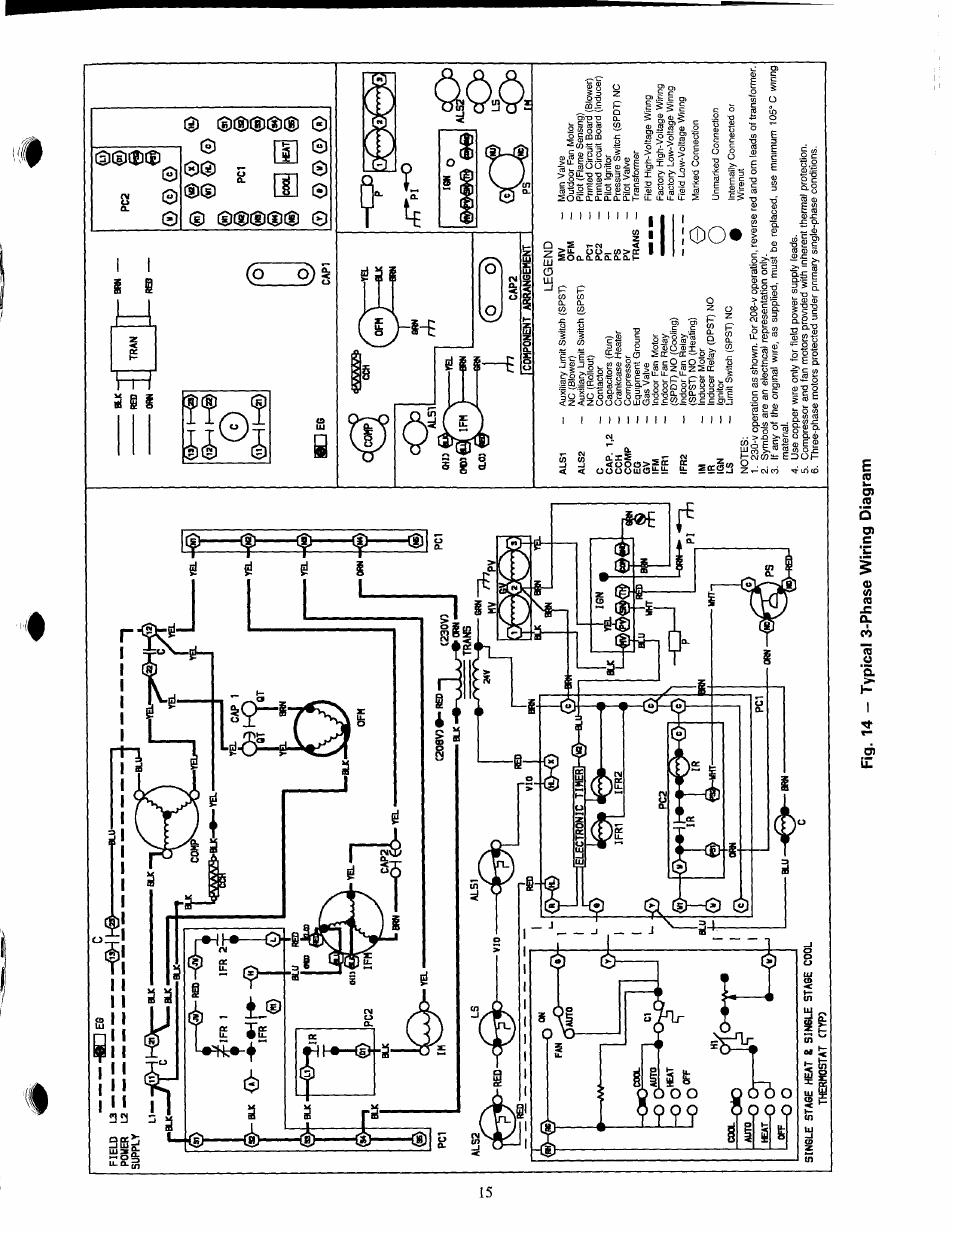 1996 mazda mpv wiring diagram 2006 mazda mpv van wiring diagrams imageresizertool com 2006 mazda mpv wiring diagram #6